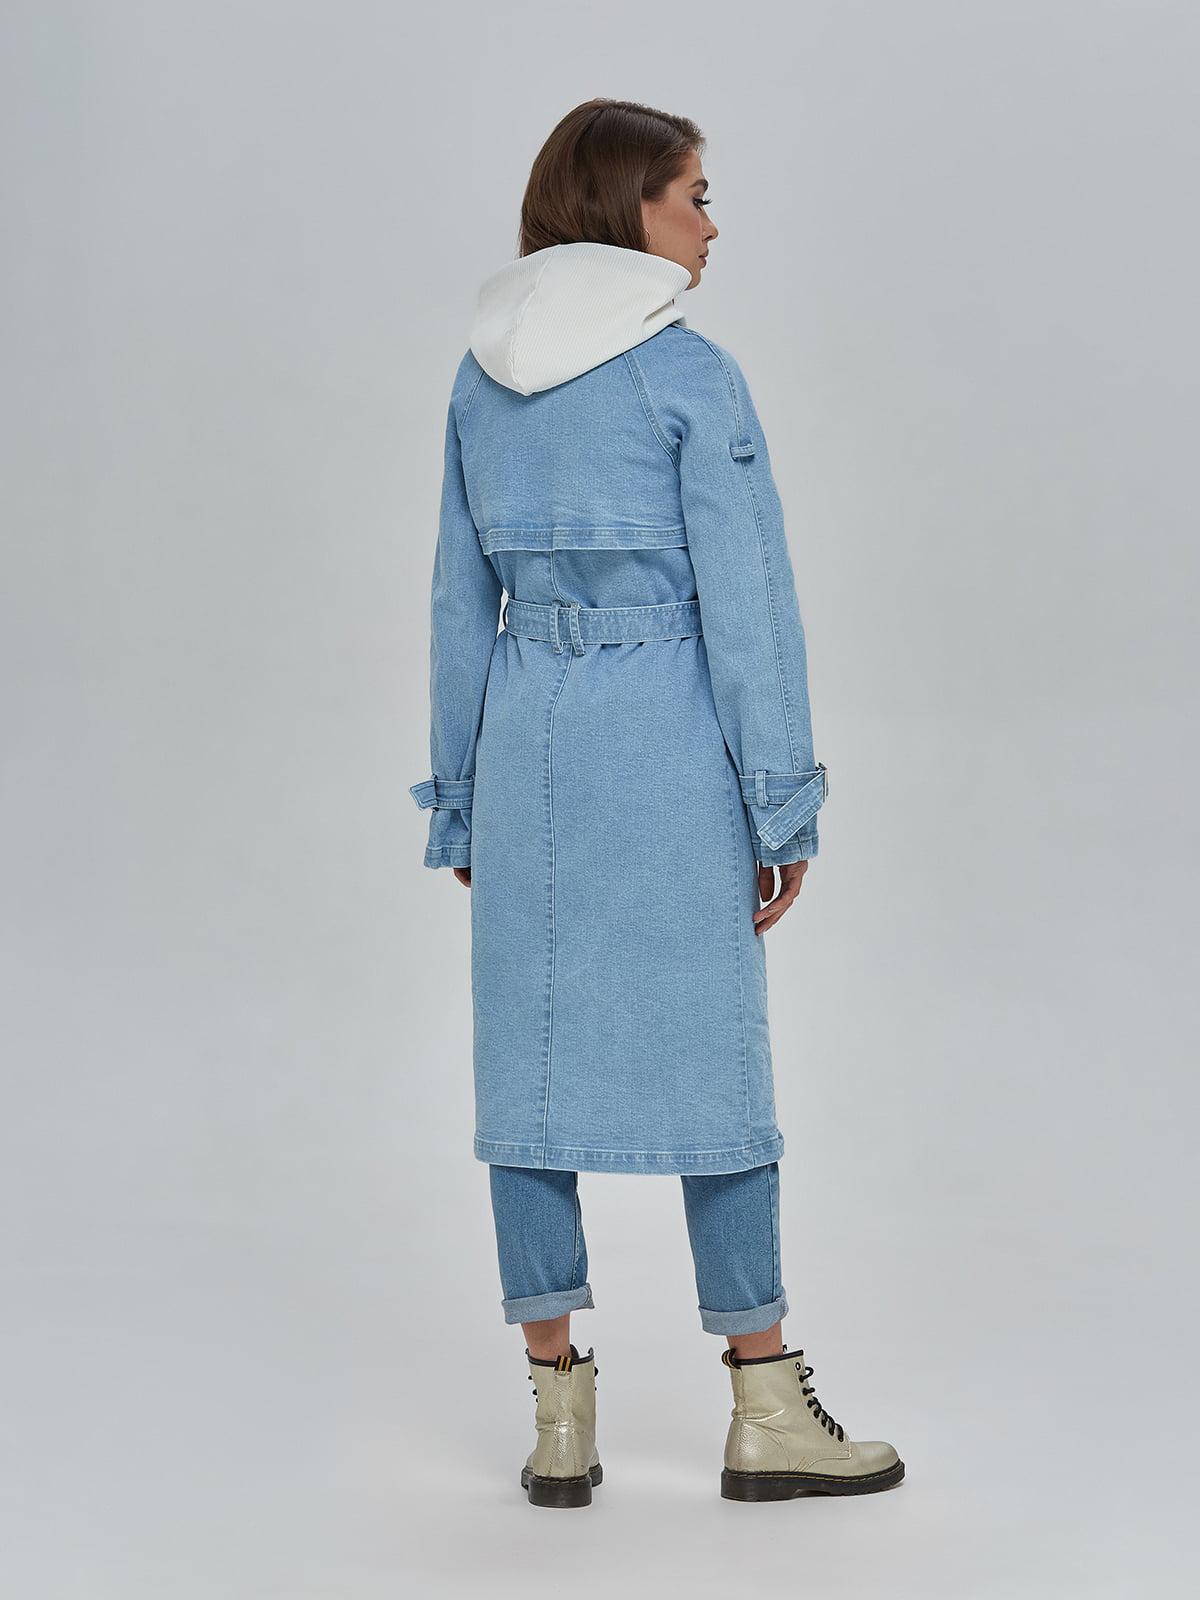 Плащ блакитний джинсовий | 4917996 | фото 3